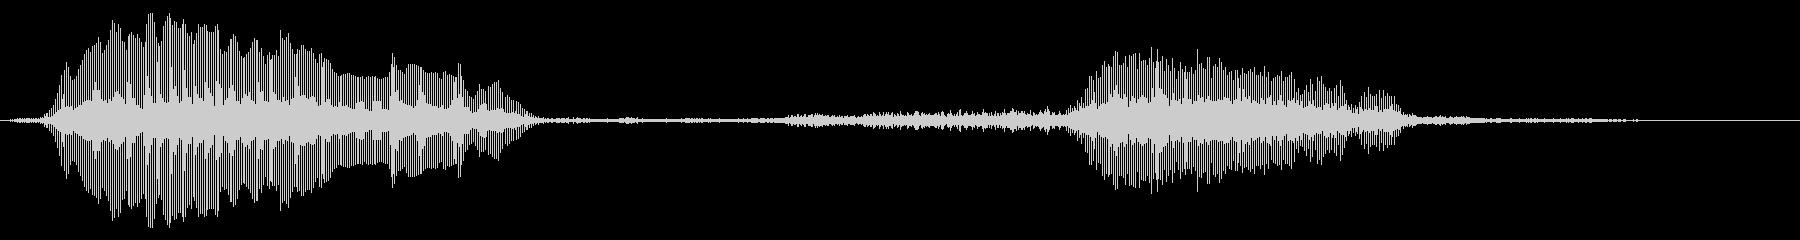 ラムブリーツ、B / G羊ヤギと羊の未再生の波形